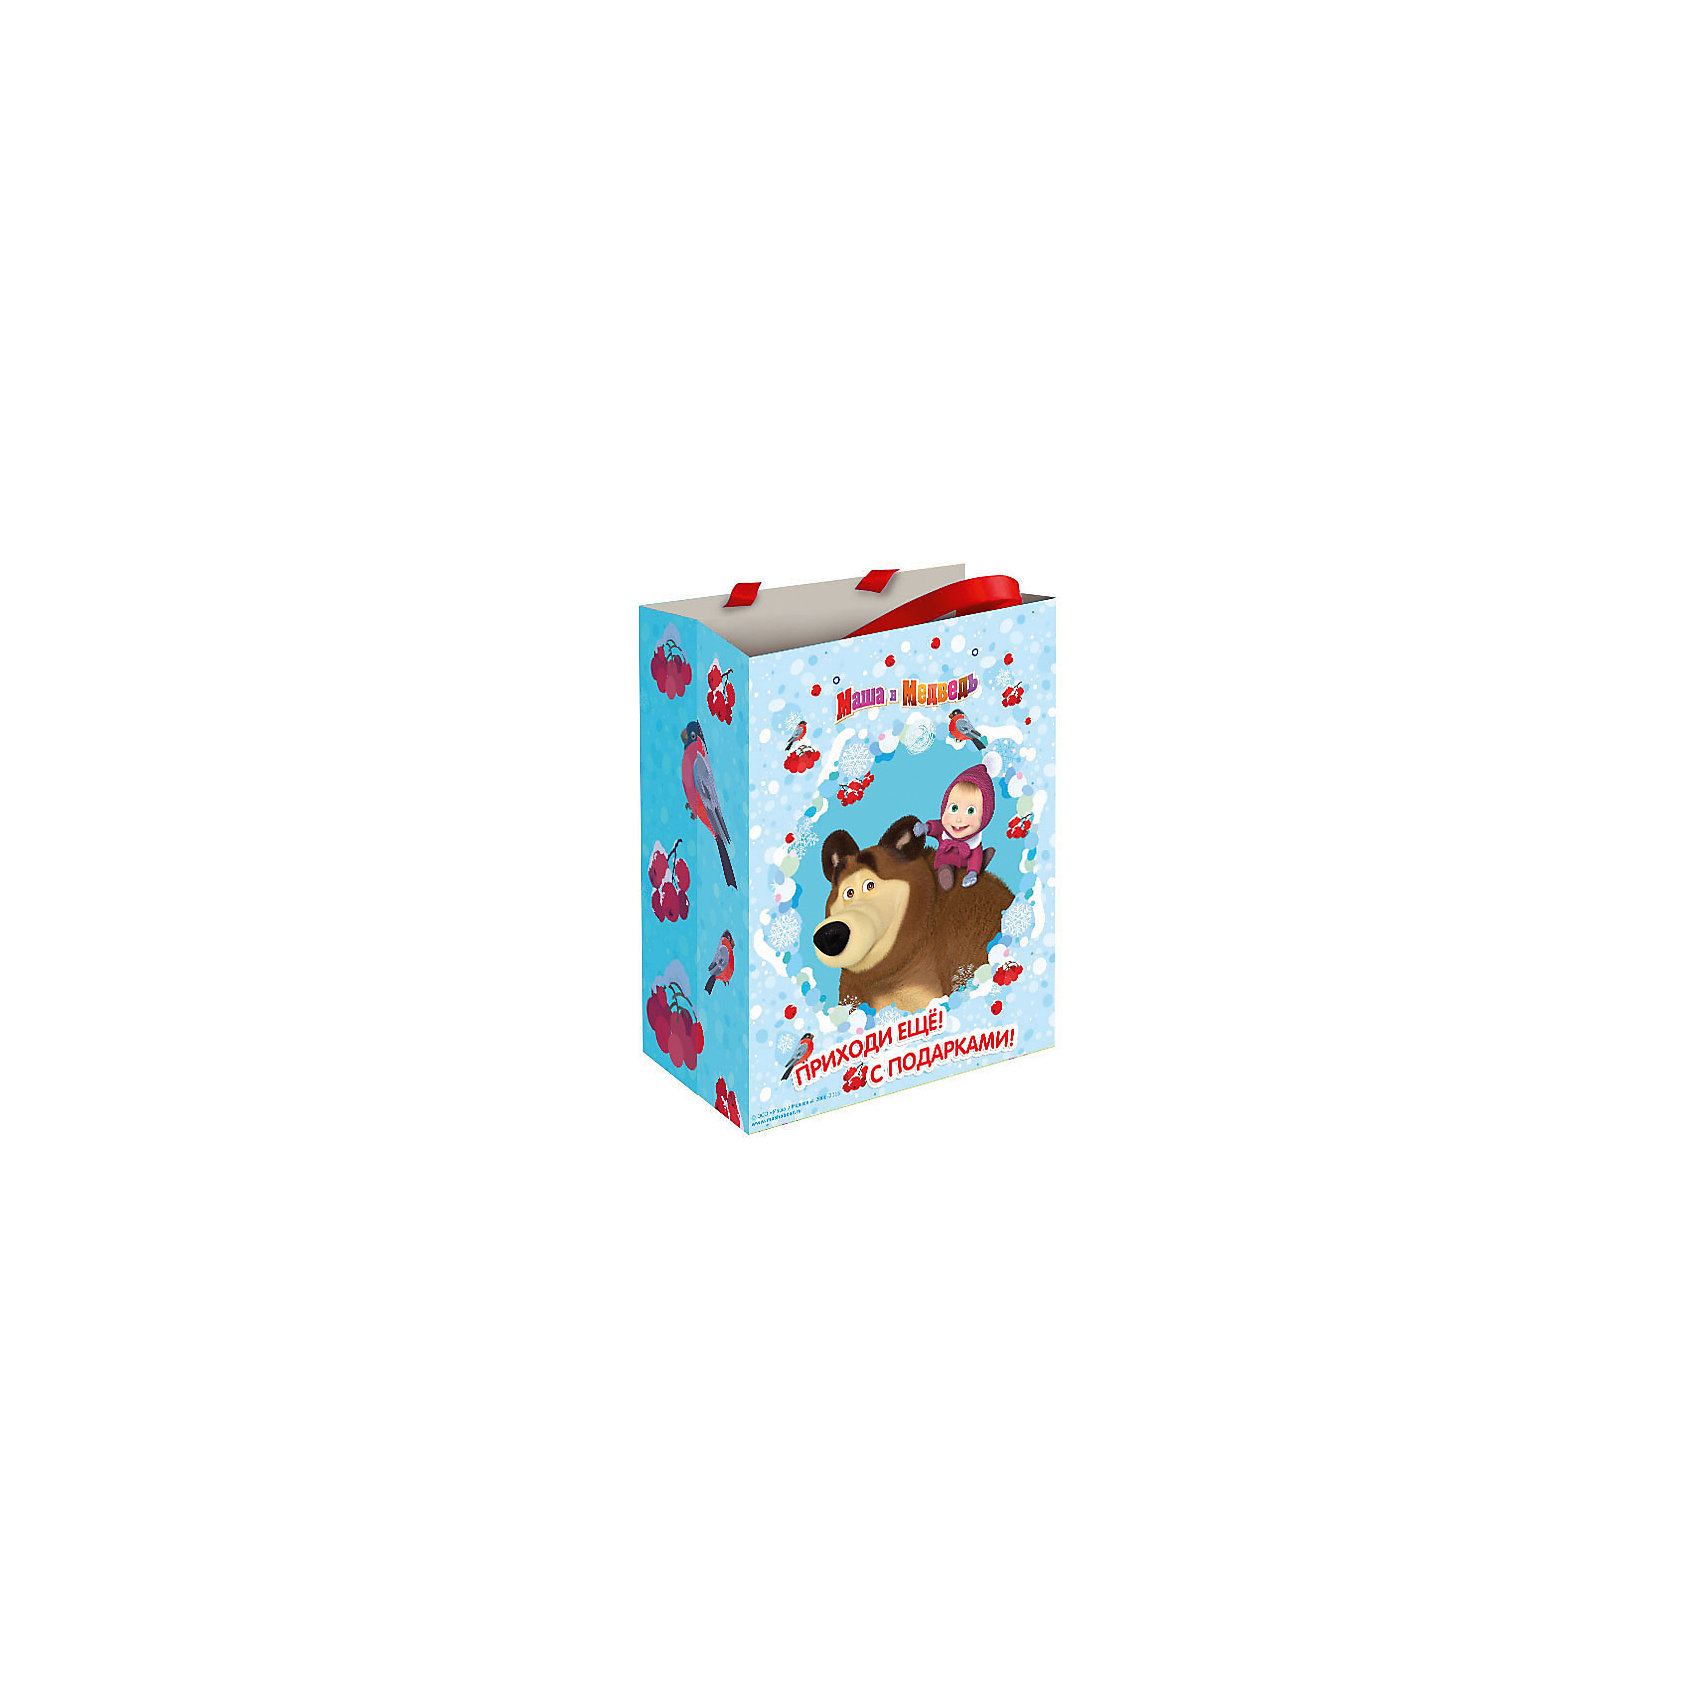 Подарочный пакет Маша зимой 23*18*10 смМаша и Медведь<br>Подарочный пакет Маша зимой 23*18*10 см – этот аксессуар станет незаменимым дополнением к выбранному подарку.<br>Яркий подарочный пакет «Маша зимой» с очаровательными героями мультфильма «Маша и Медведь» празднично украсит новогодний подарок для маленькой девочки и сделает его эффектным и запоминающимся. Для удобной переноски на пакете имеются две ручки из ленты.<br><br>Дополнительная информация:<br><br>- Размер: 23х18х10 см.<br>- Материал: бумага<br><br>Подарочный пакет Маша зимой 23*18*10 см можно купить в нашем интернет-магазине.<br><br>Ширина мм: 230<br>Глубина мм: 180<br>Высота мм: 5<br>Вес г: 51<br>Возраст от месяцев: 36<br>Возраст до месяцев: 84<br>Пол: Женский<br>Возраст: Детский<br>SKU: 4278381